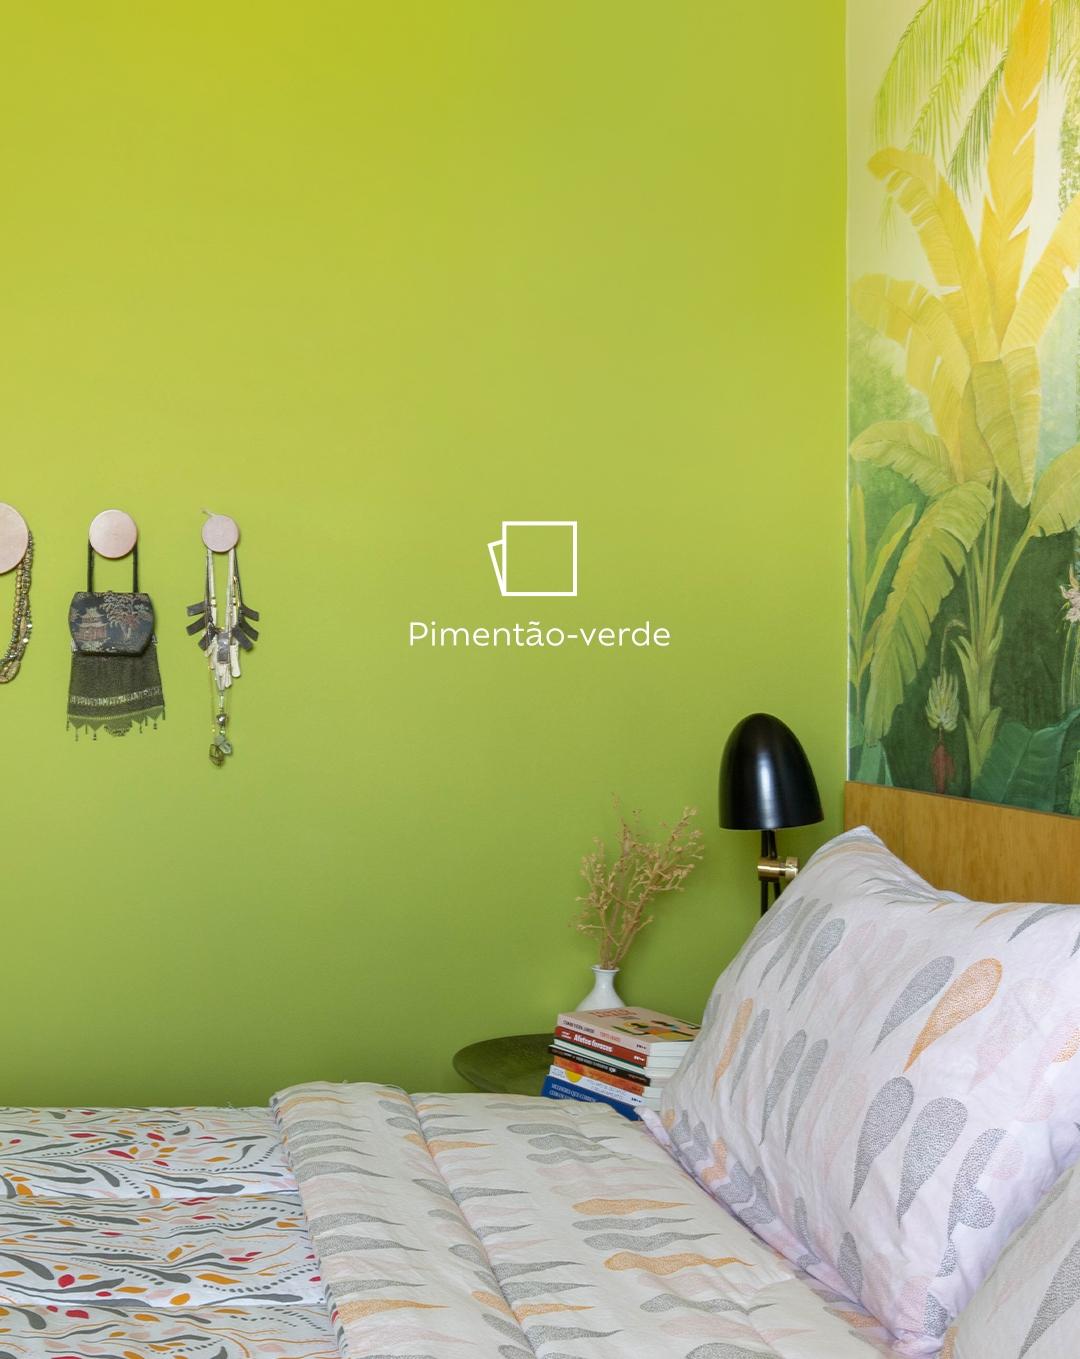 Na foto temos o lado esquerdo da cama de Joana vista de frente, com sua mesinha de cabeceira com livros e uma luminária. Ao fundo, um papel de parede com palmeiras e ao lado esquerdo, a parede pintada na cor Pimentão-verde com um ícone de cor.